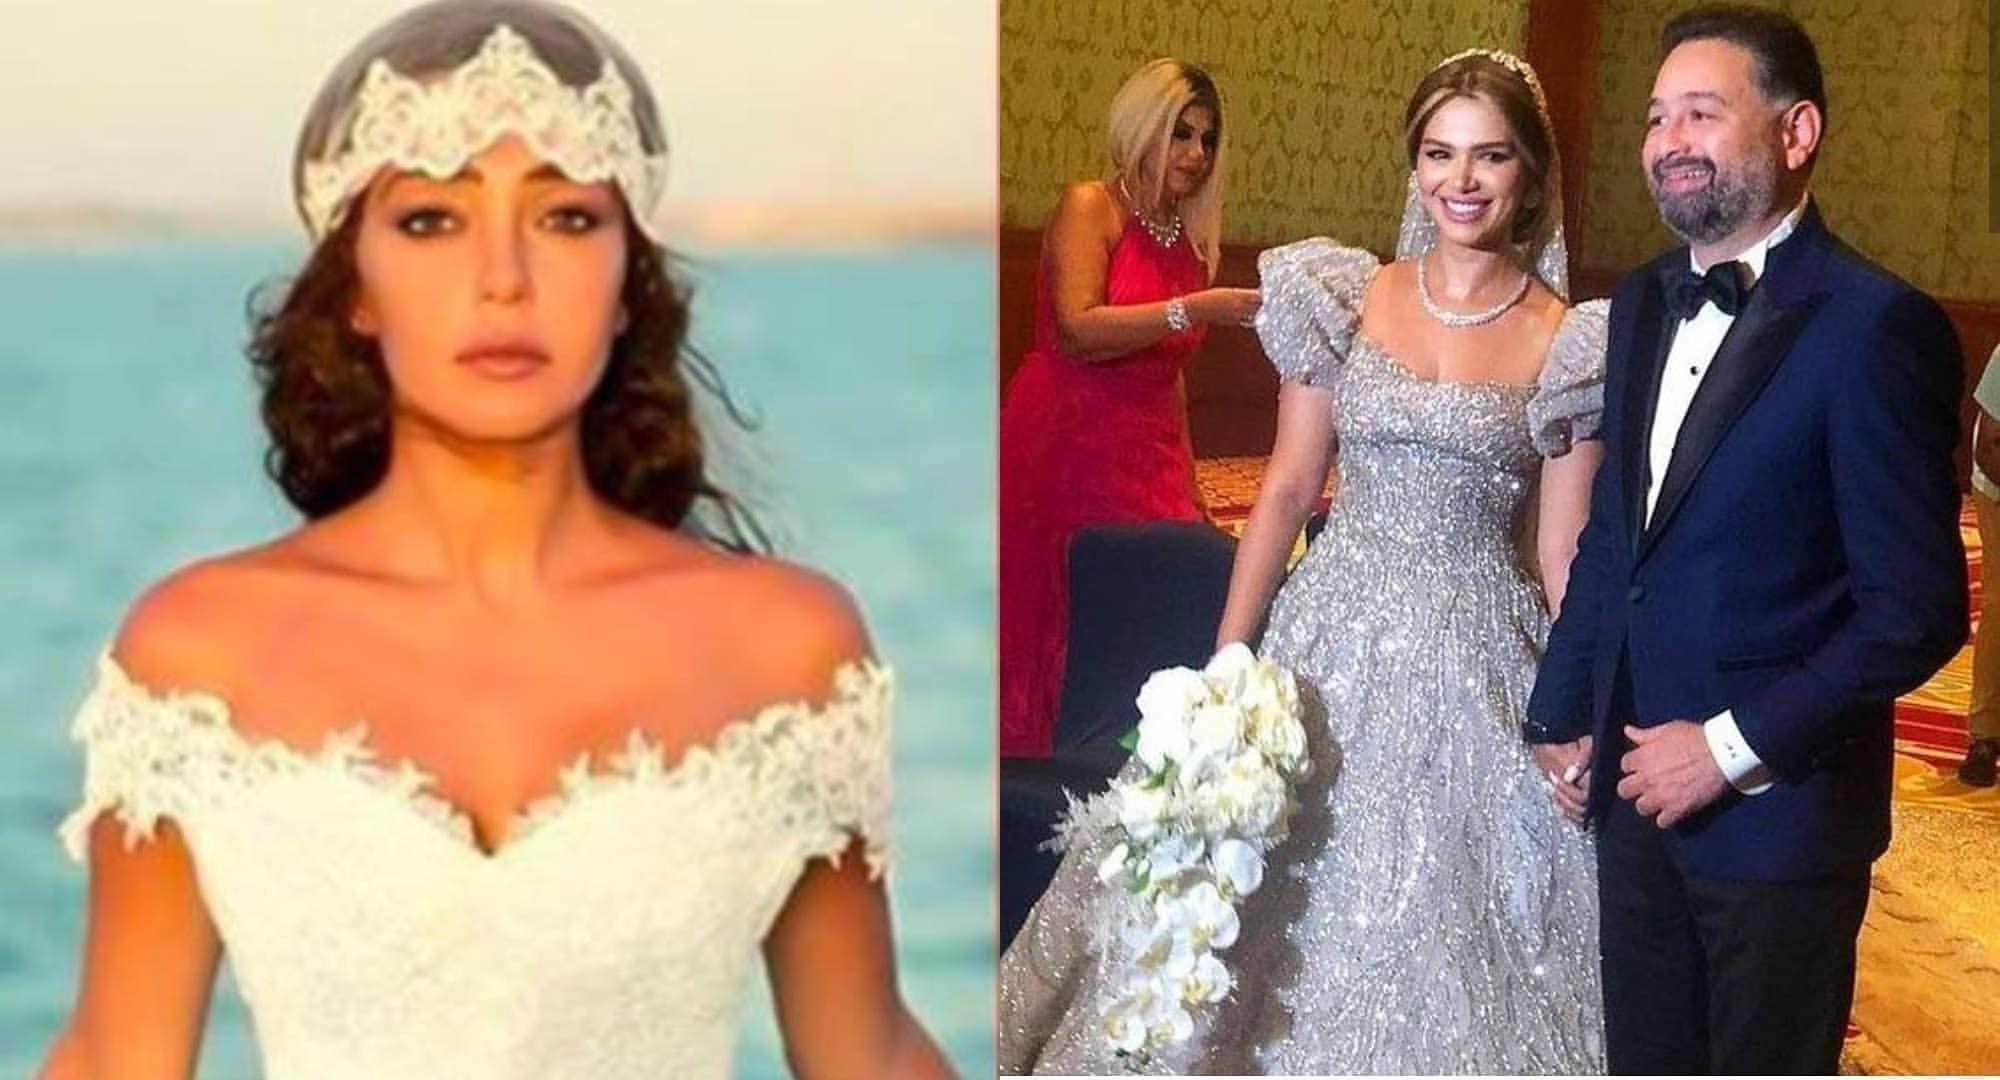 أمير شاهين يدخل القفص الذهبي بعد 5 سنوات من وفاة خطيبته السابقة ميرنا المهندس القصة كاملة Wedding Dresses Lace Dresses Wedding Dresses